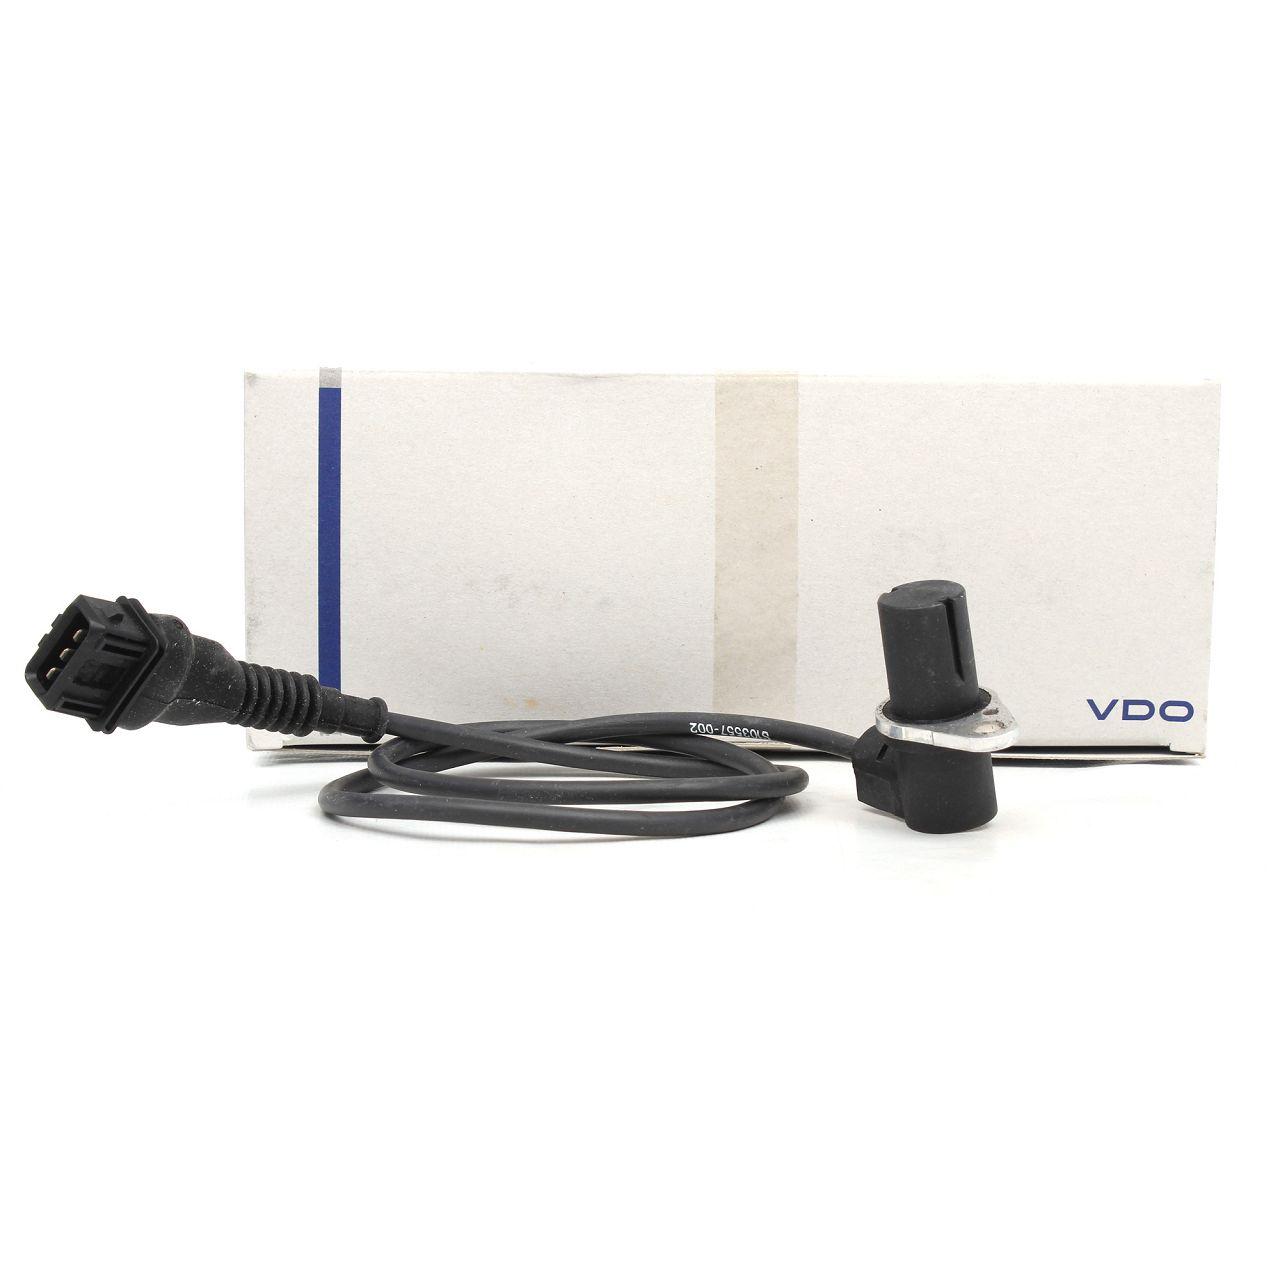 VDO Sensor Impulsgeber Kurbelwelle Kurbelwellensensor für BMW 3er E36 5er E39 Z3